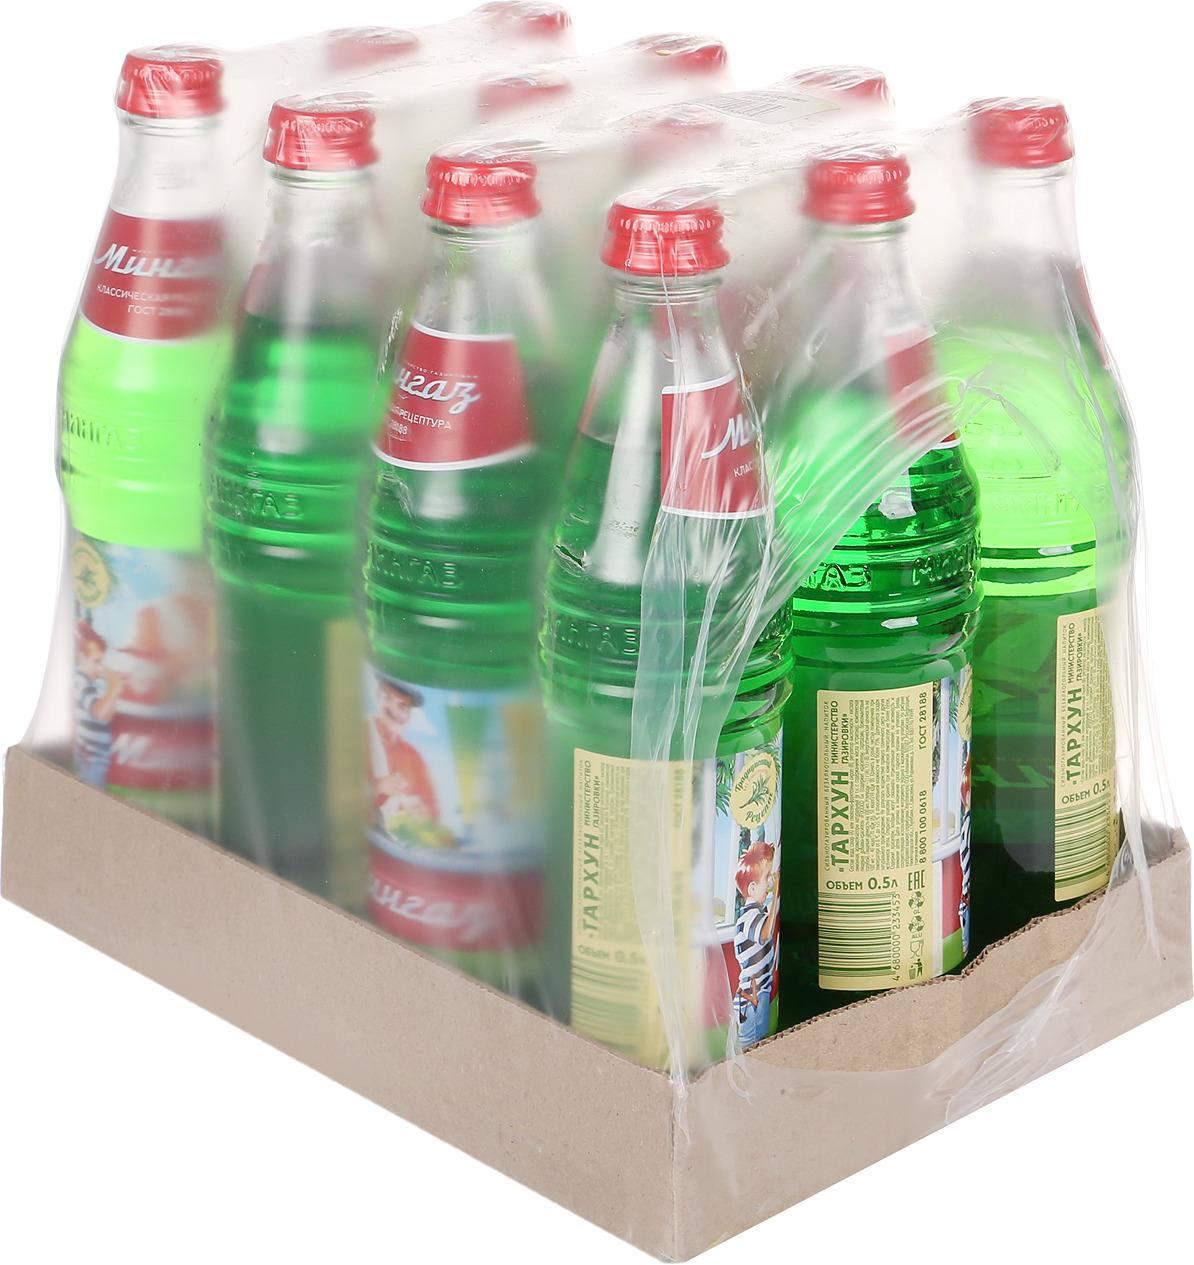 лимонад министерство газировки таежная сказка 6 шт по 1 5 л Лимонад Министерство Газировки Тархун, 12 шт по 500 мл